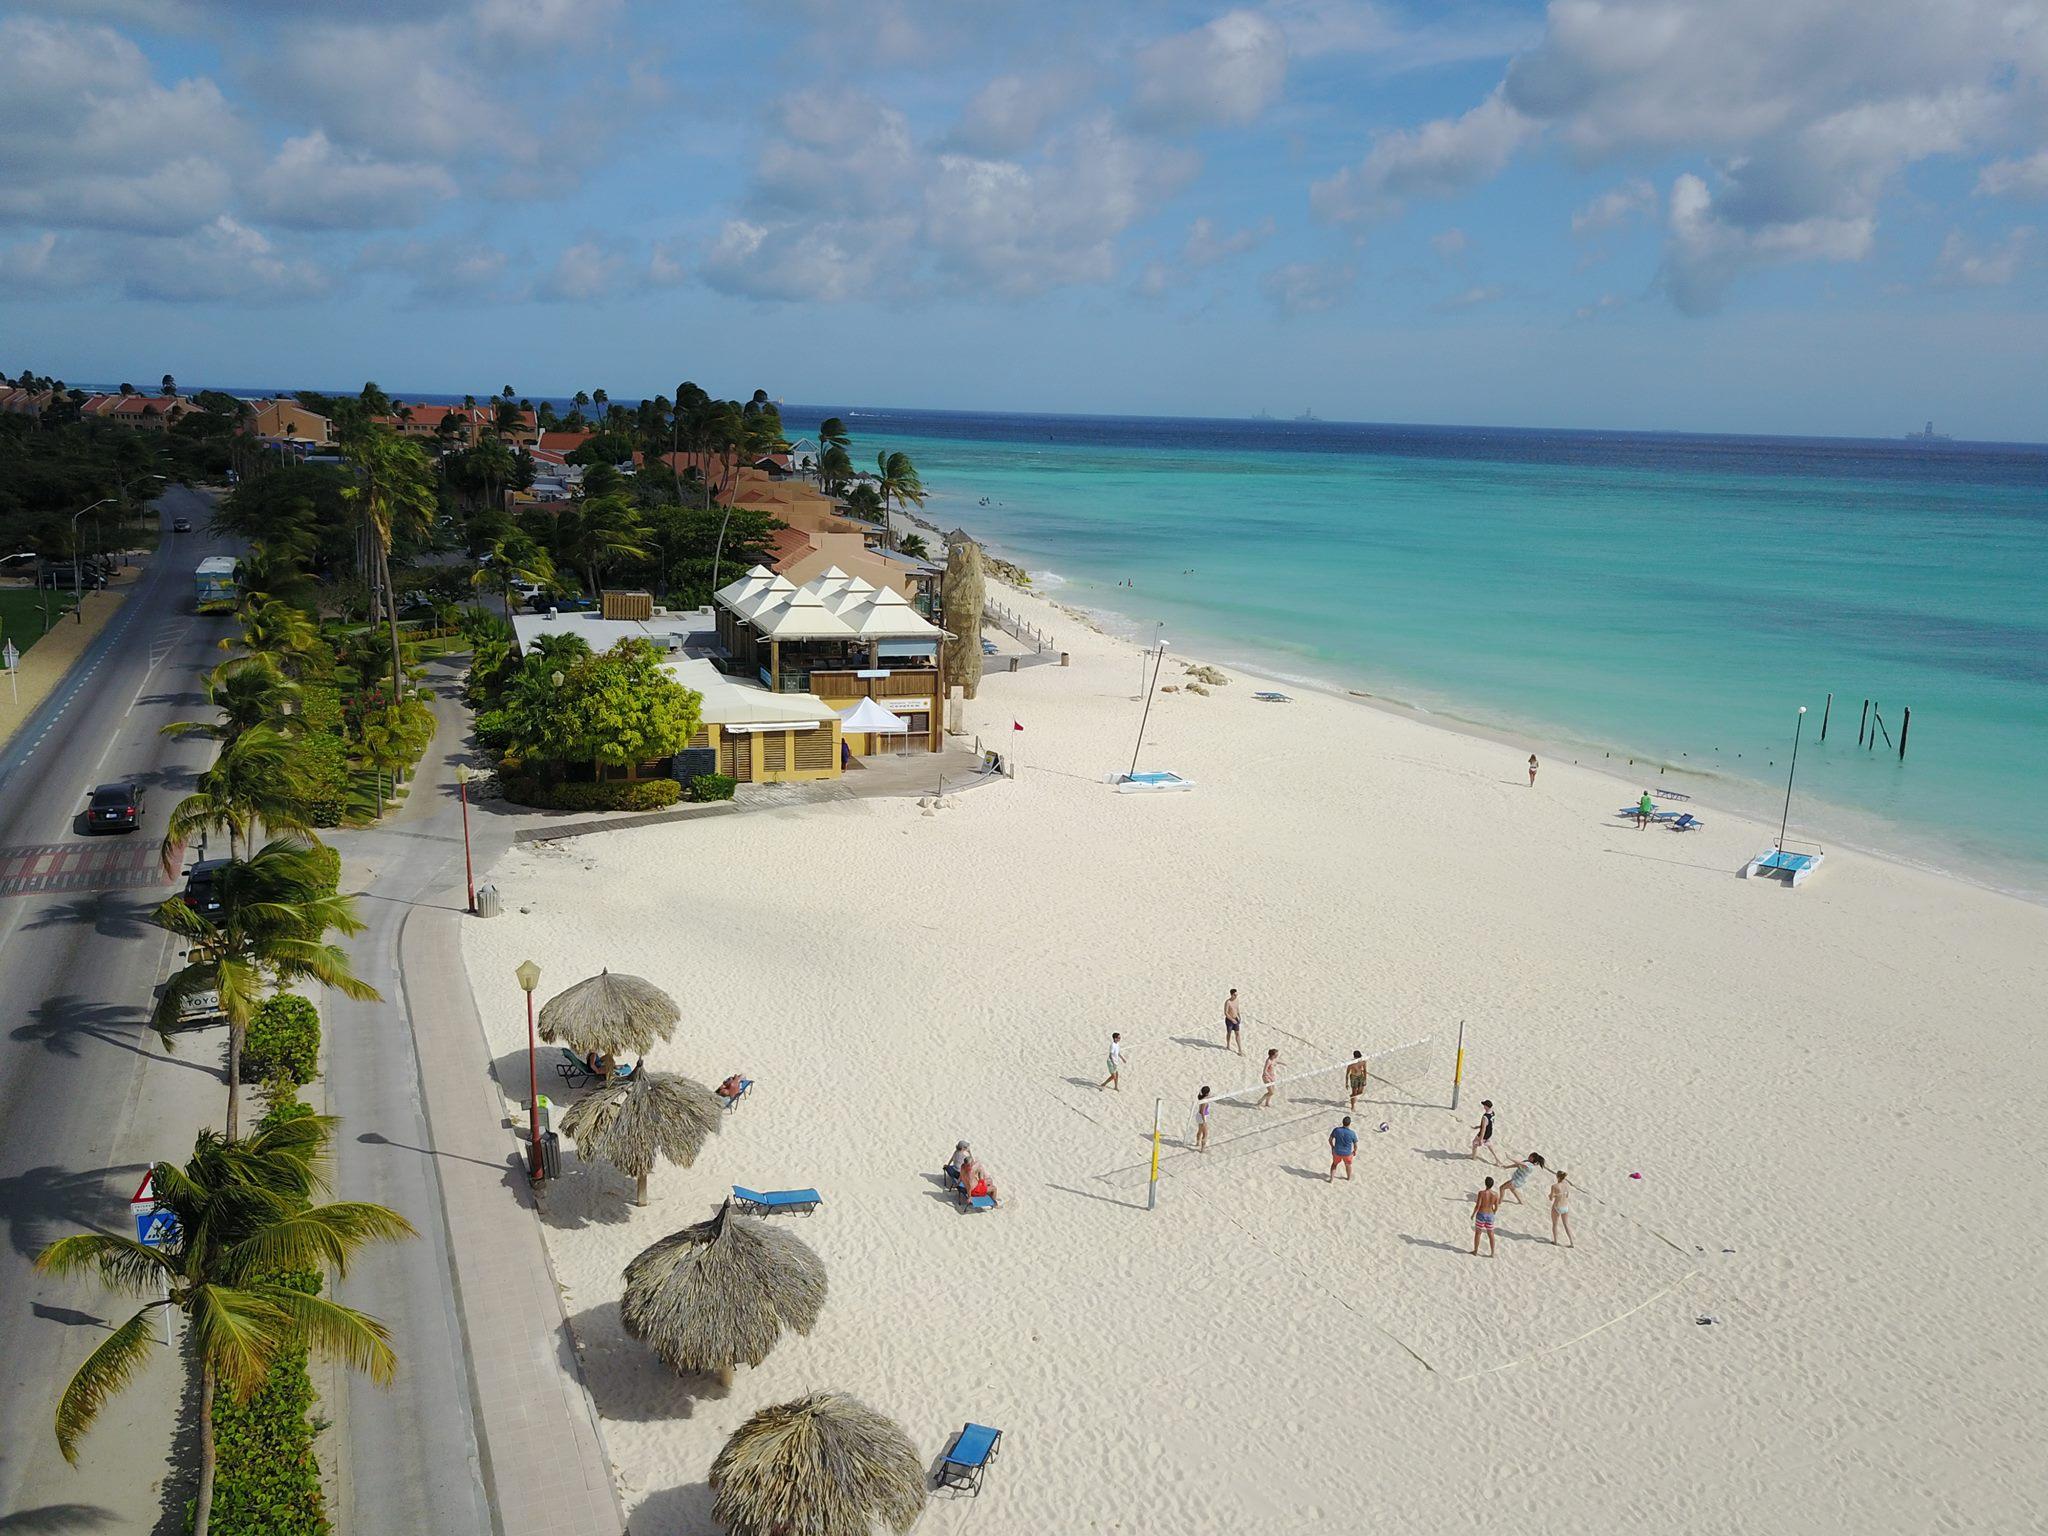 Tropical Island Beach Ambience Sound: Legszebb Fehér Homokos Tengerpart Ahol Jártam